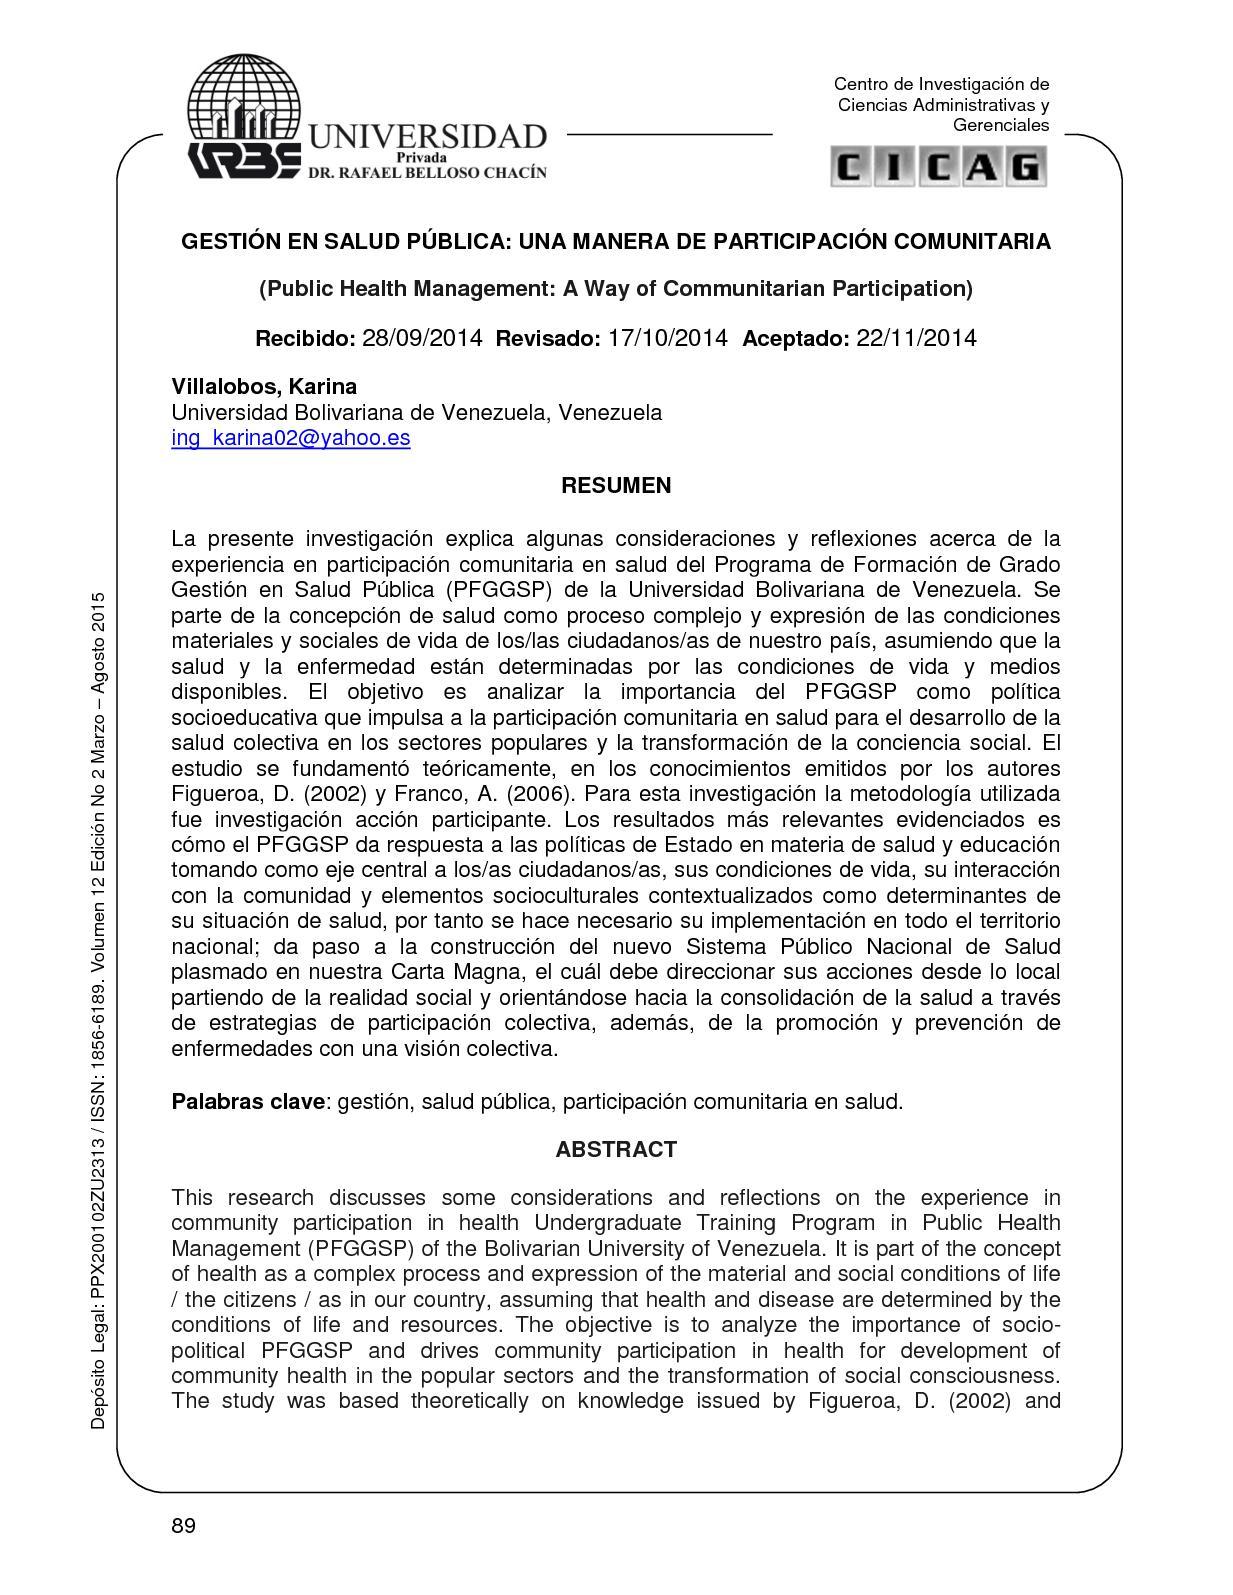 Calaméo - GESTIÓN EN SALUD PÚBLICA: UNA MANERA DE PARTICIPACIÓN ...